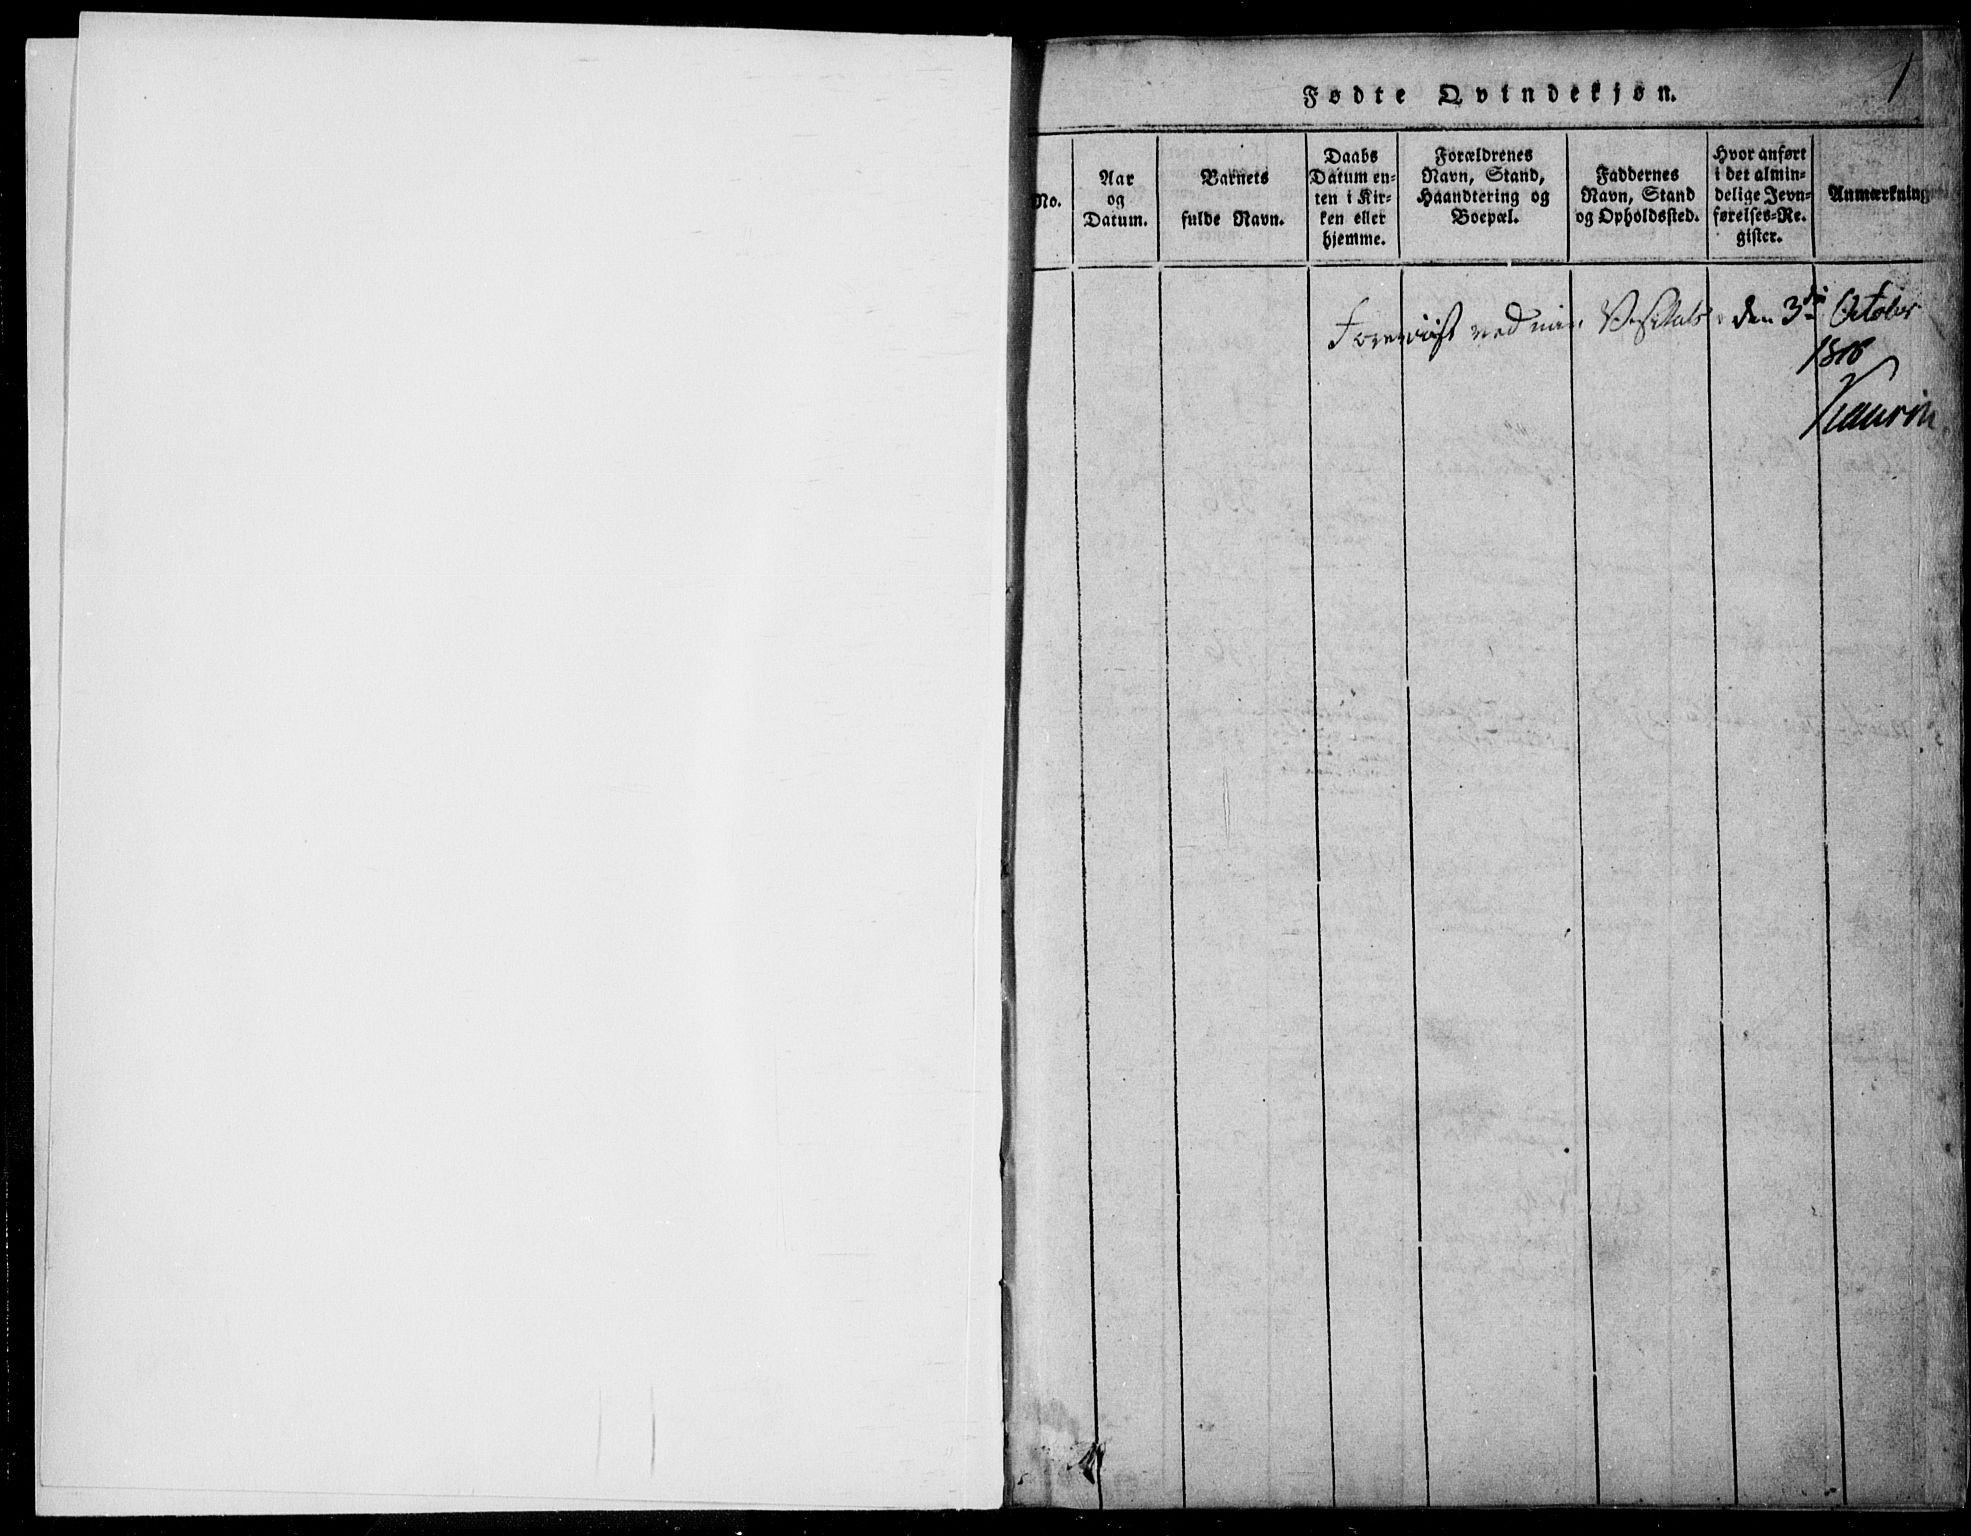 SAKO, Vinje kirkebøker, F/Fb/L0001: Ministerialbok nr. II 1, 1814-1843, s. 1